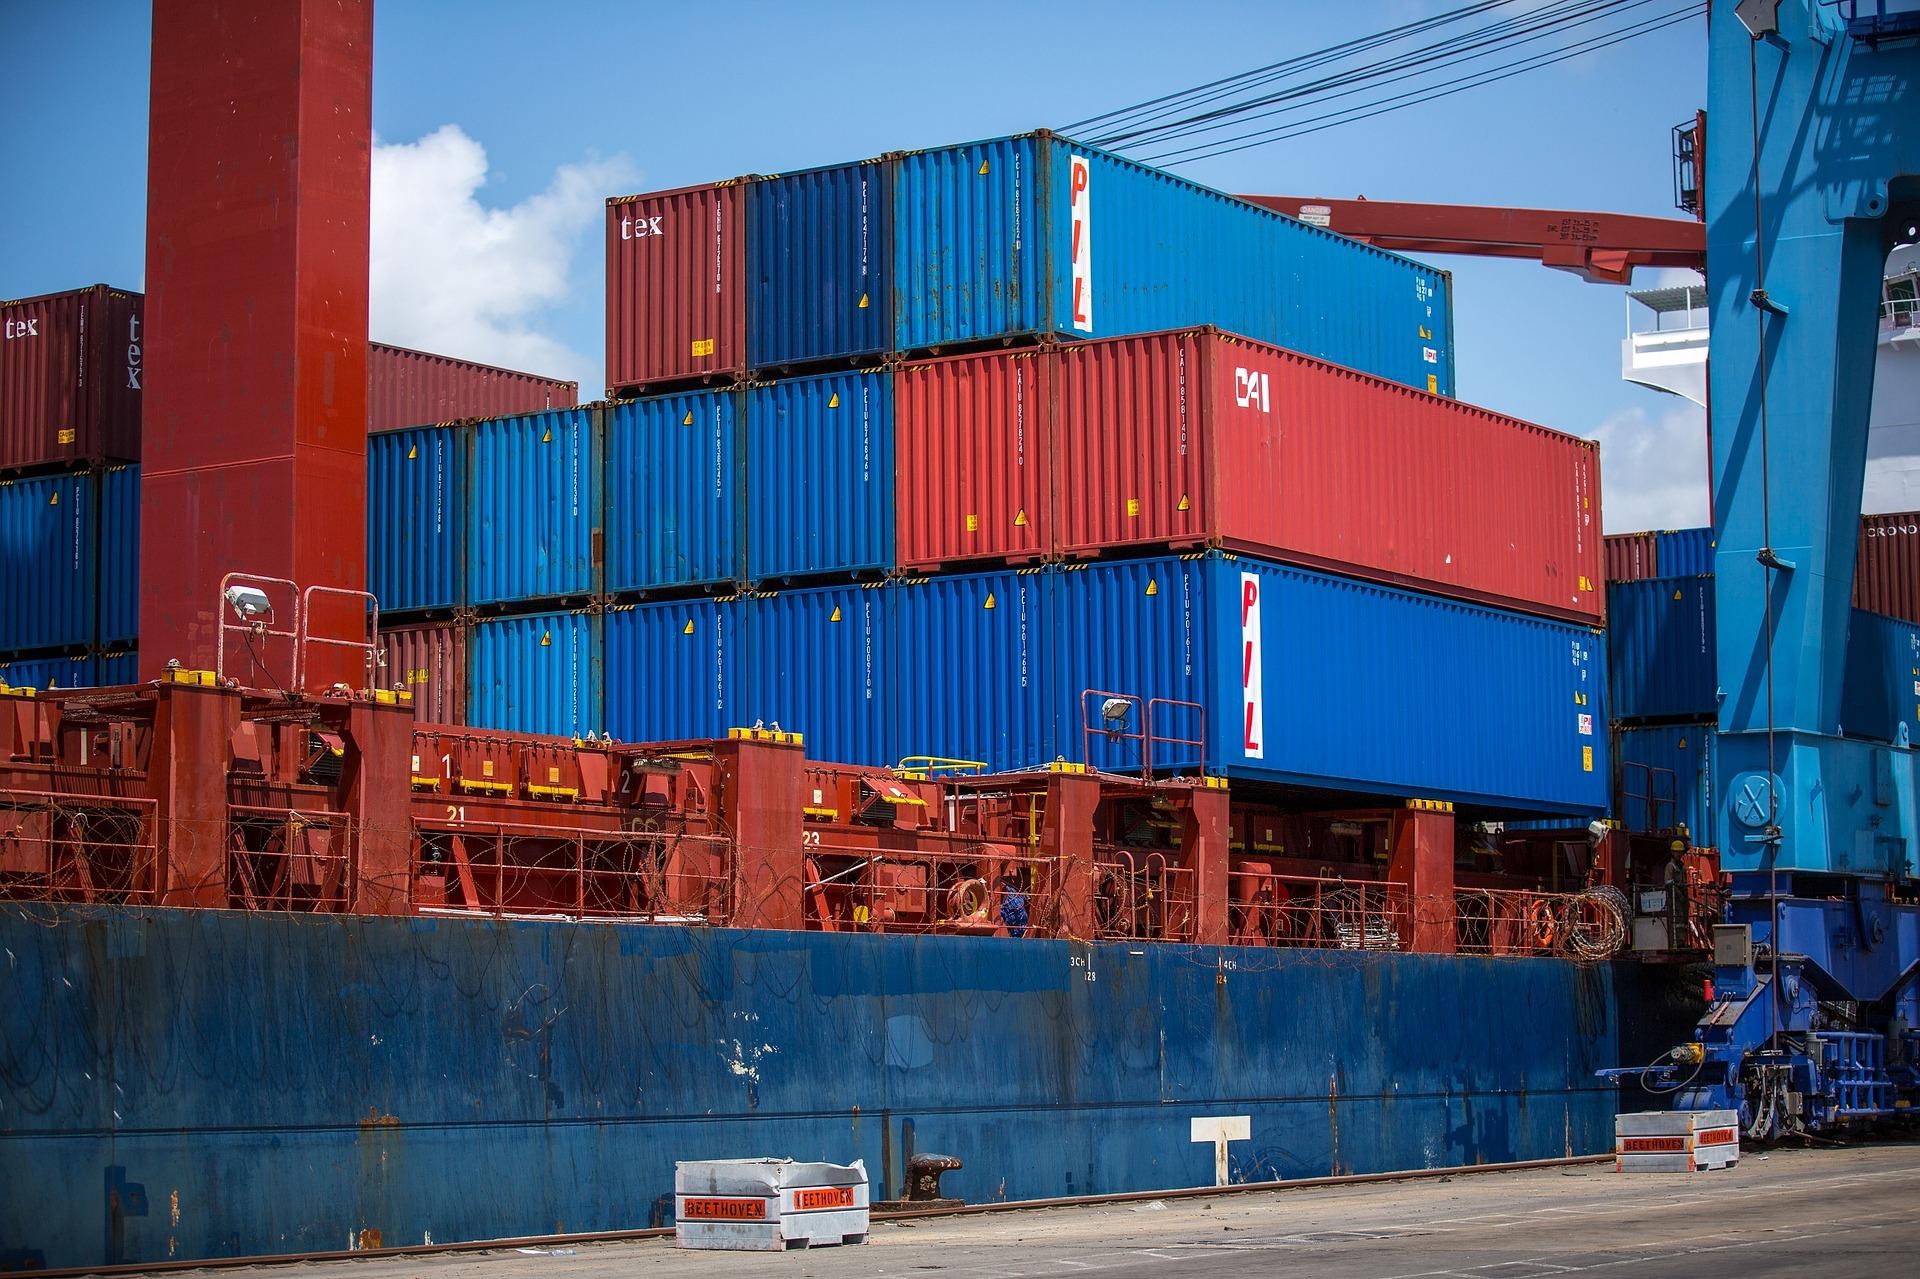 Hoe kunt u een container huren?